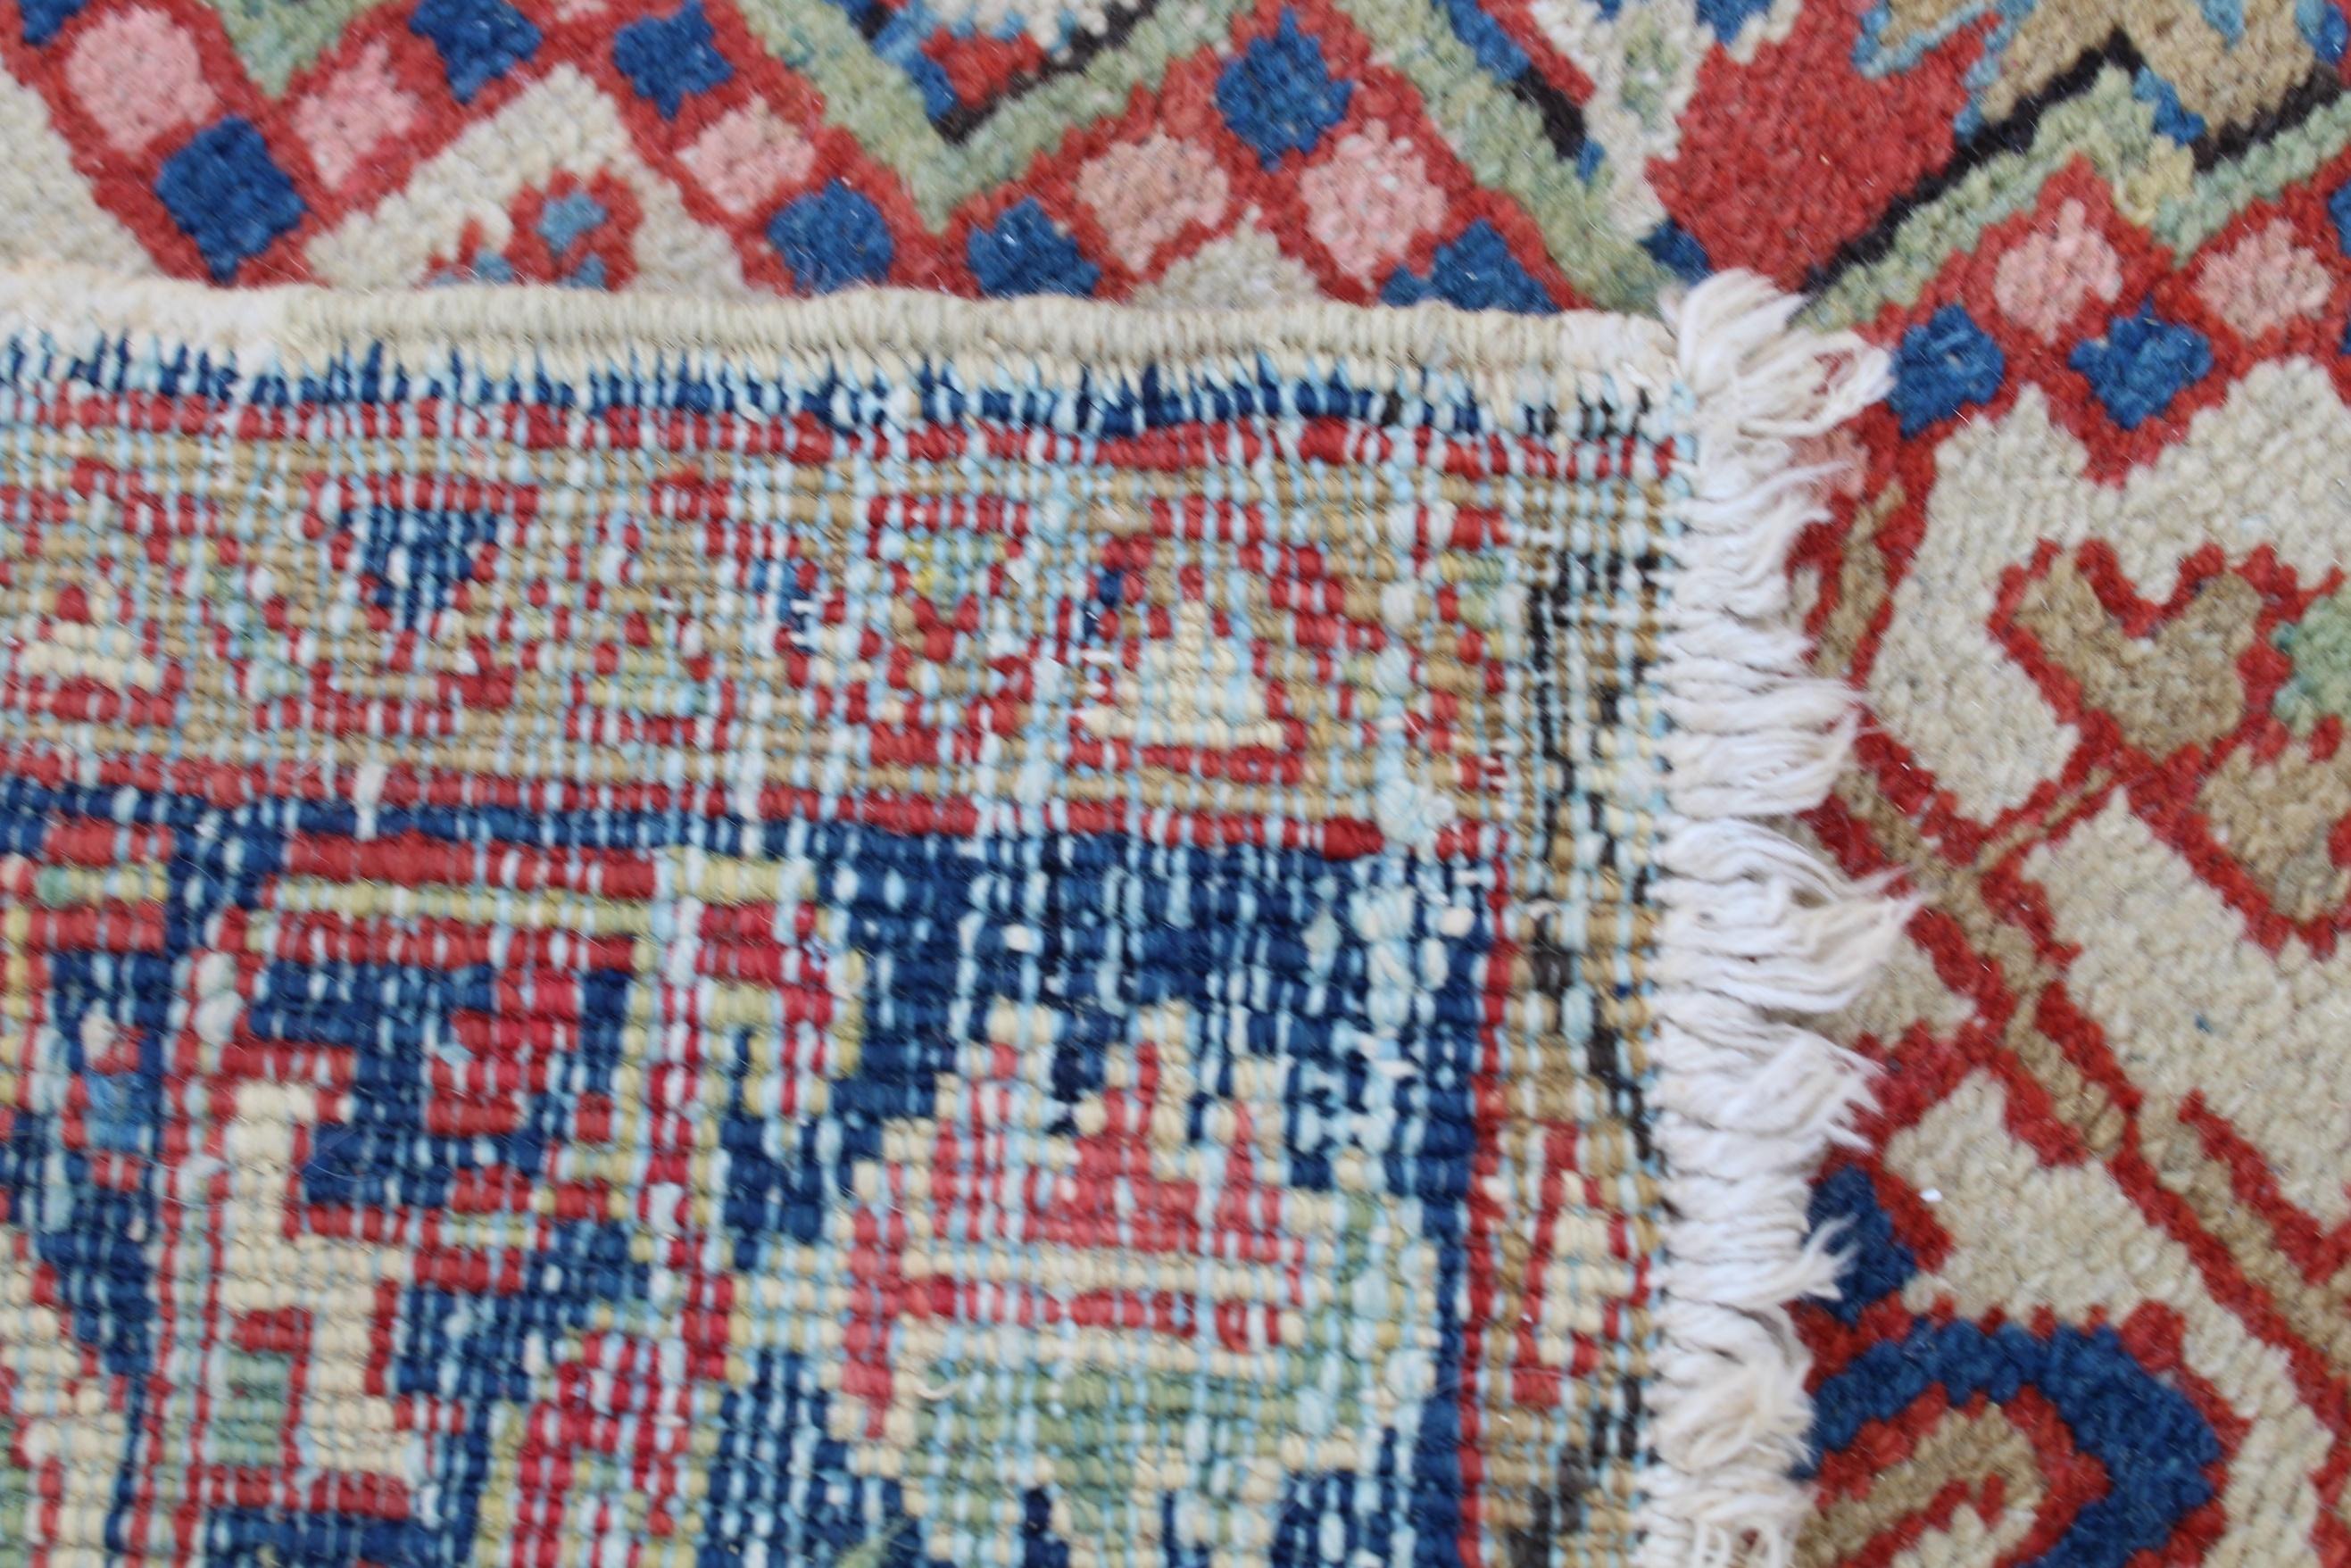 Antique Heriz Rug - Image 4 of 4